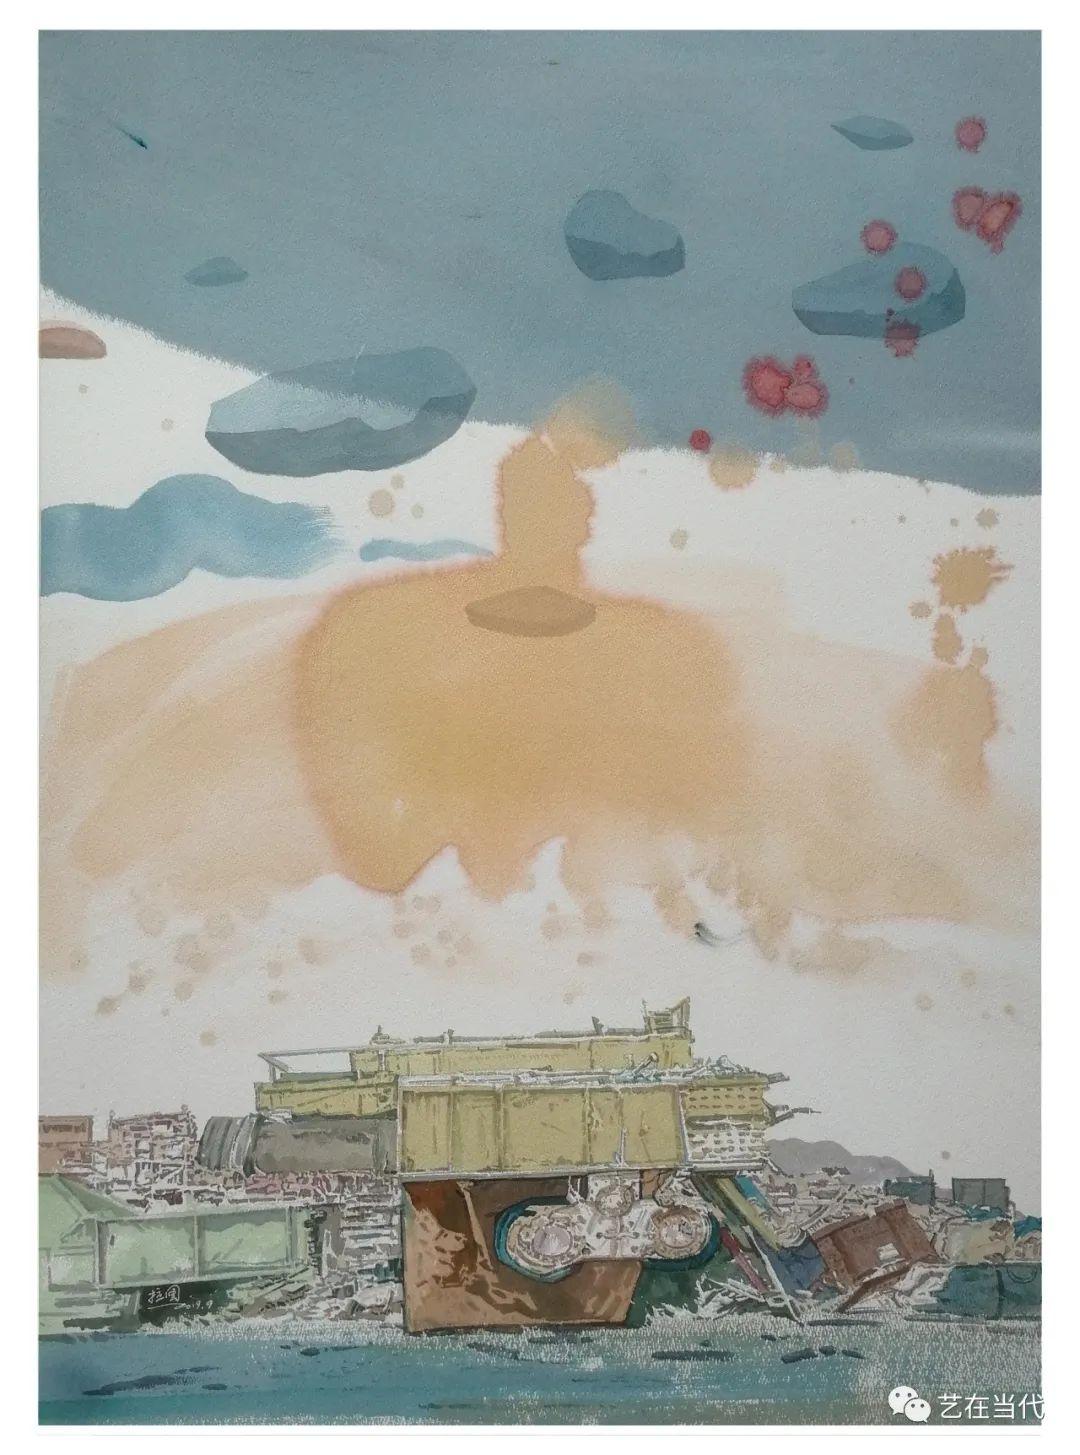 推荐画家| 苏雅拉图 第3张 推荐画家| 苏雅拉图 蒙古画廊